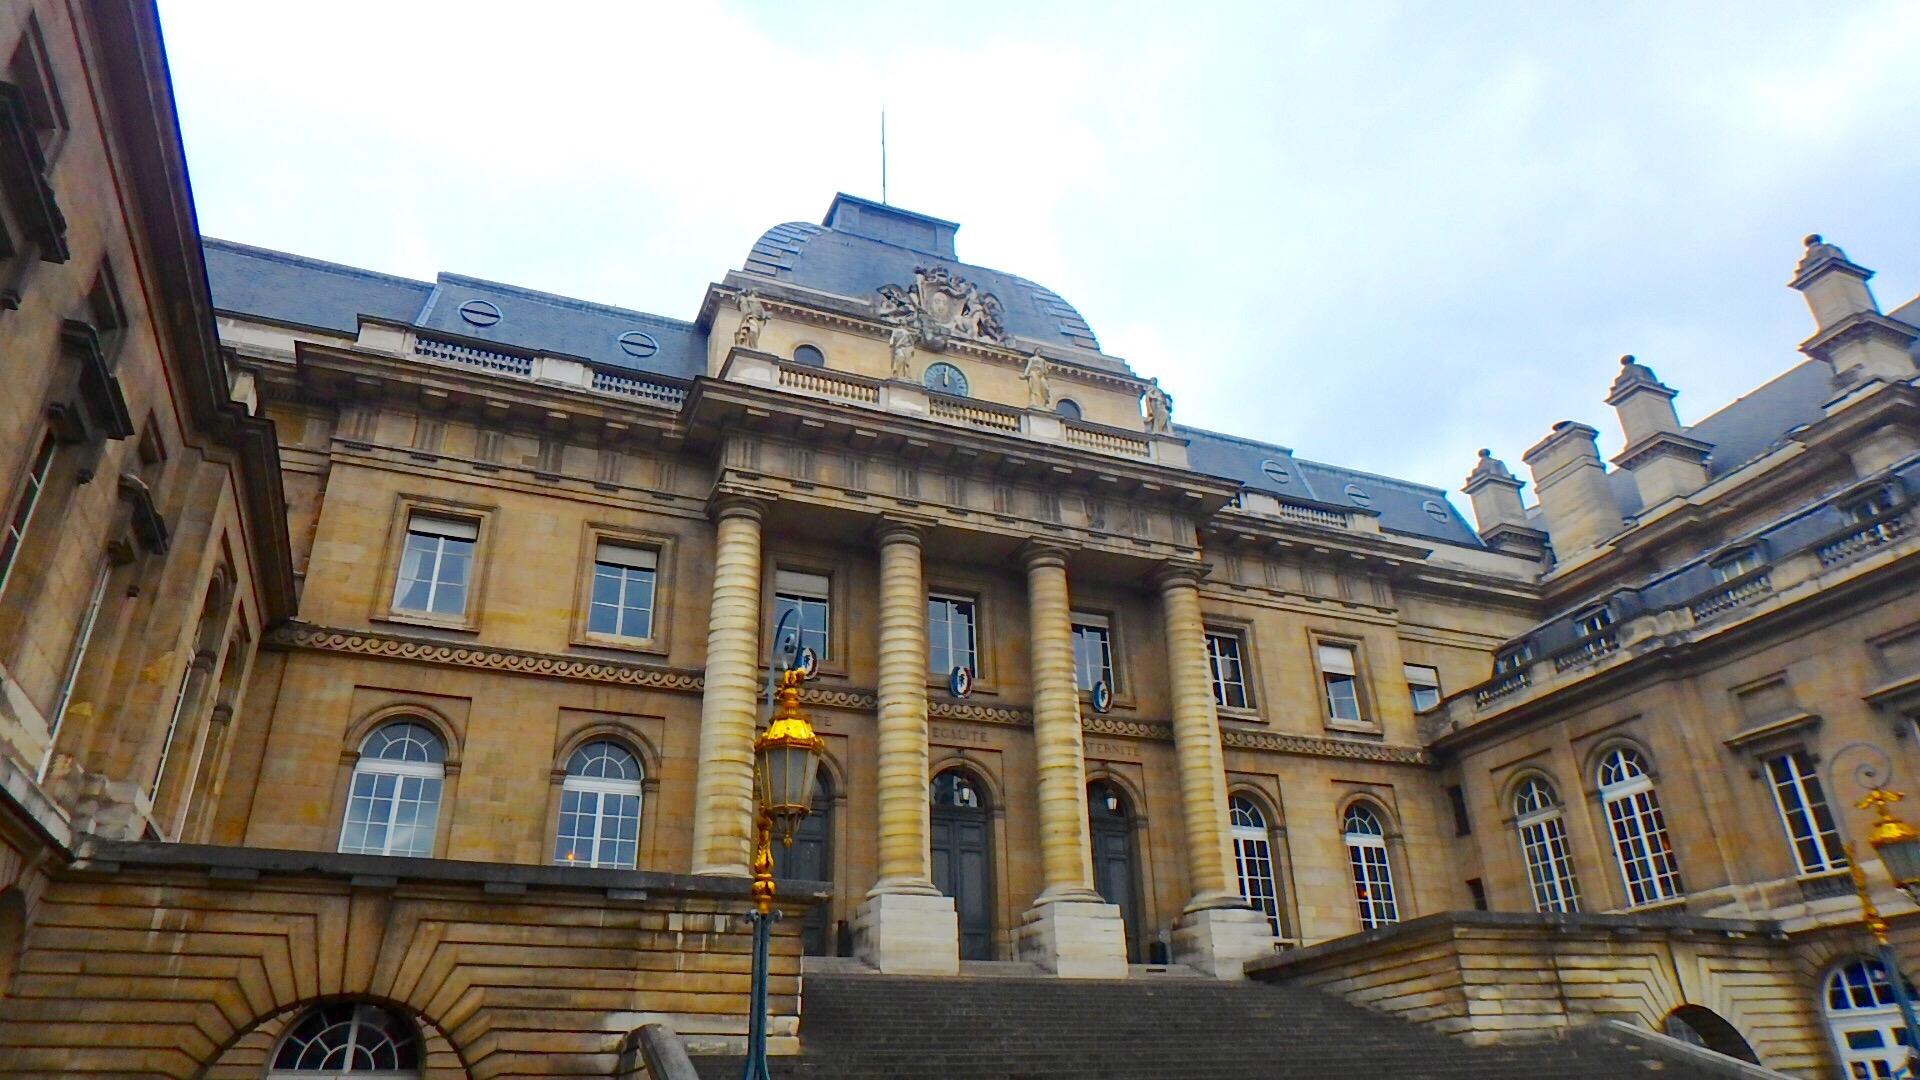 サント・シャペル教会(Sainte Chapelle)の最高裁判所